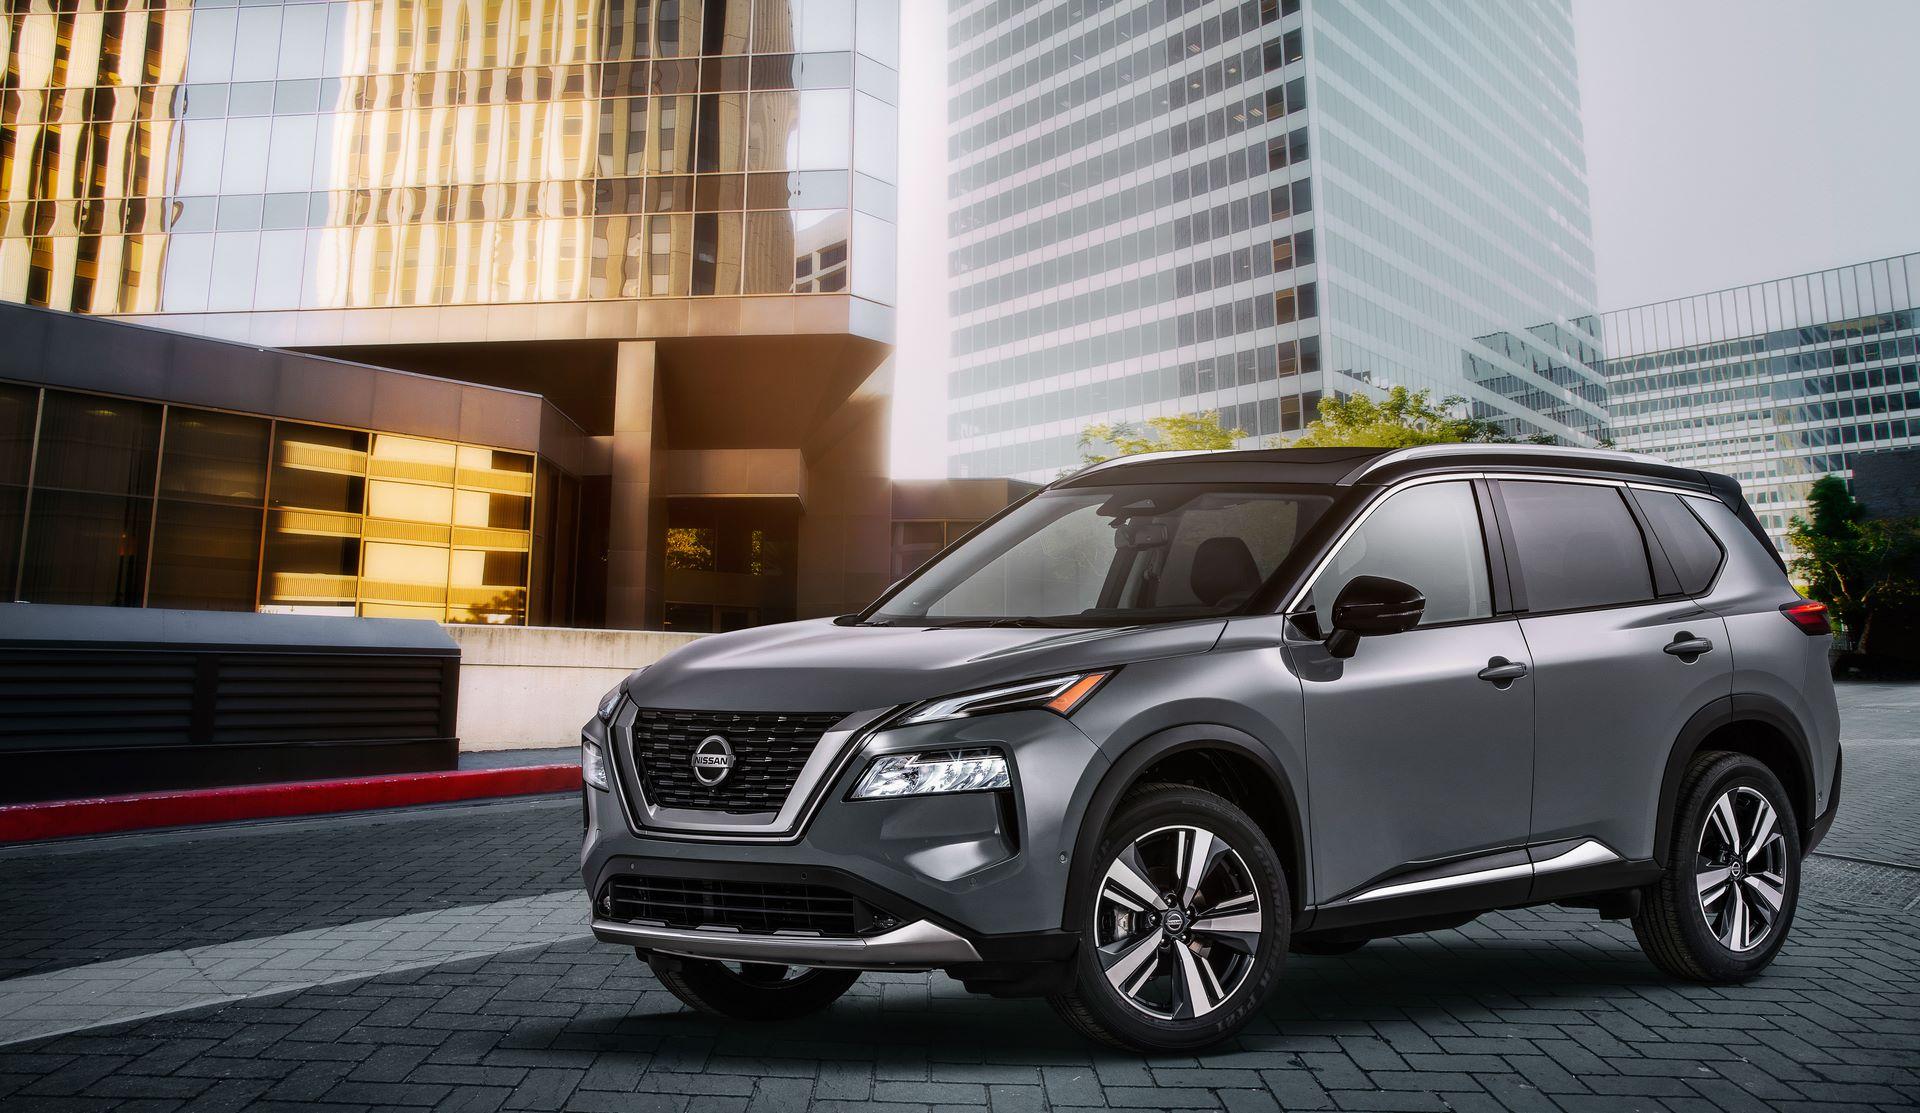 Nissan-X-Trail-2021-19